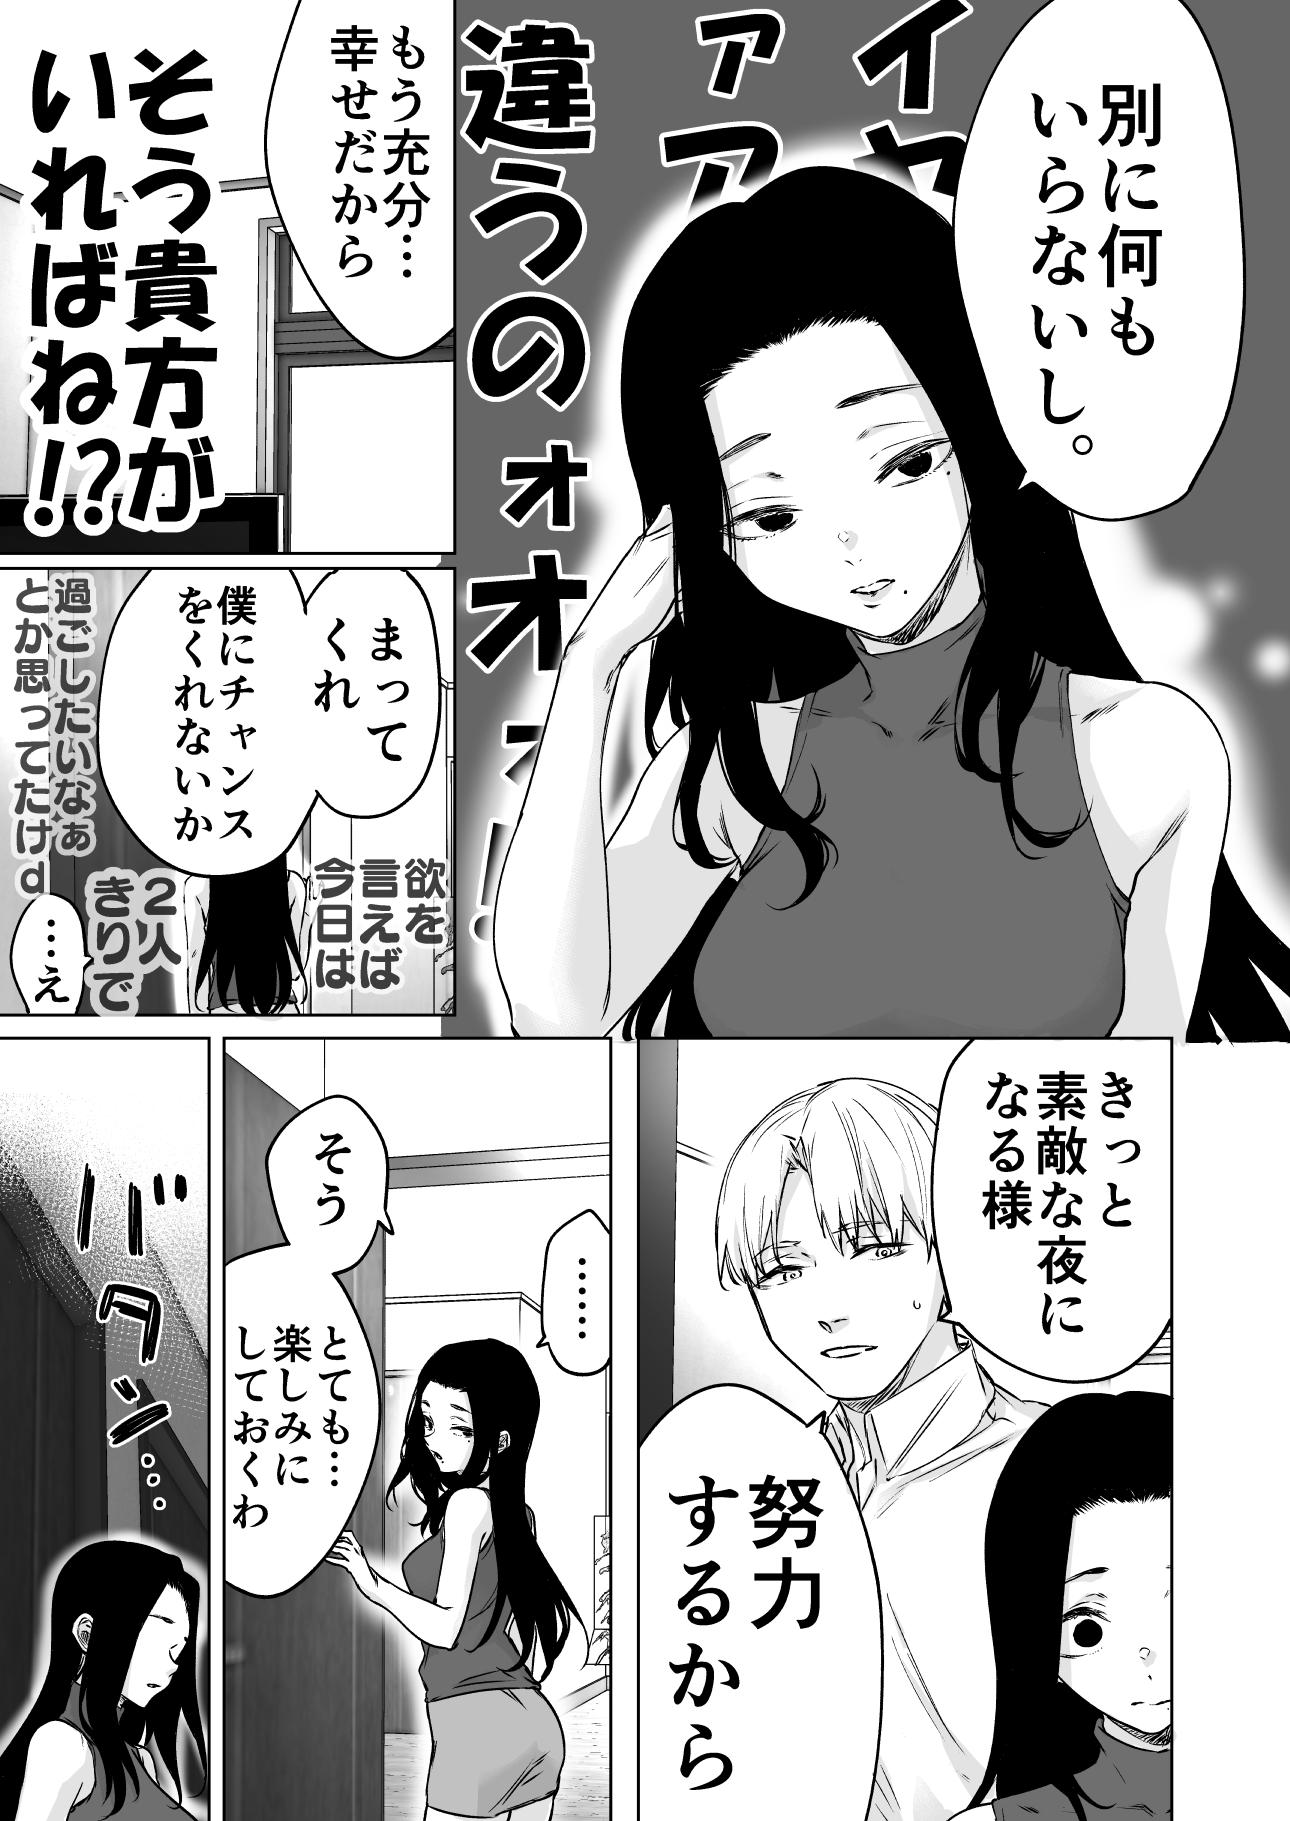 背景が騒がしすぎる夫婦03